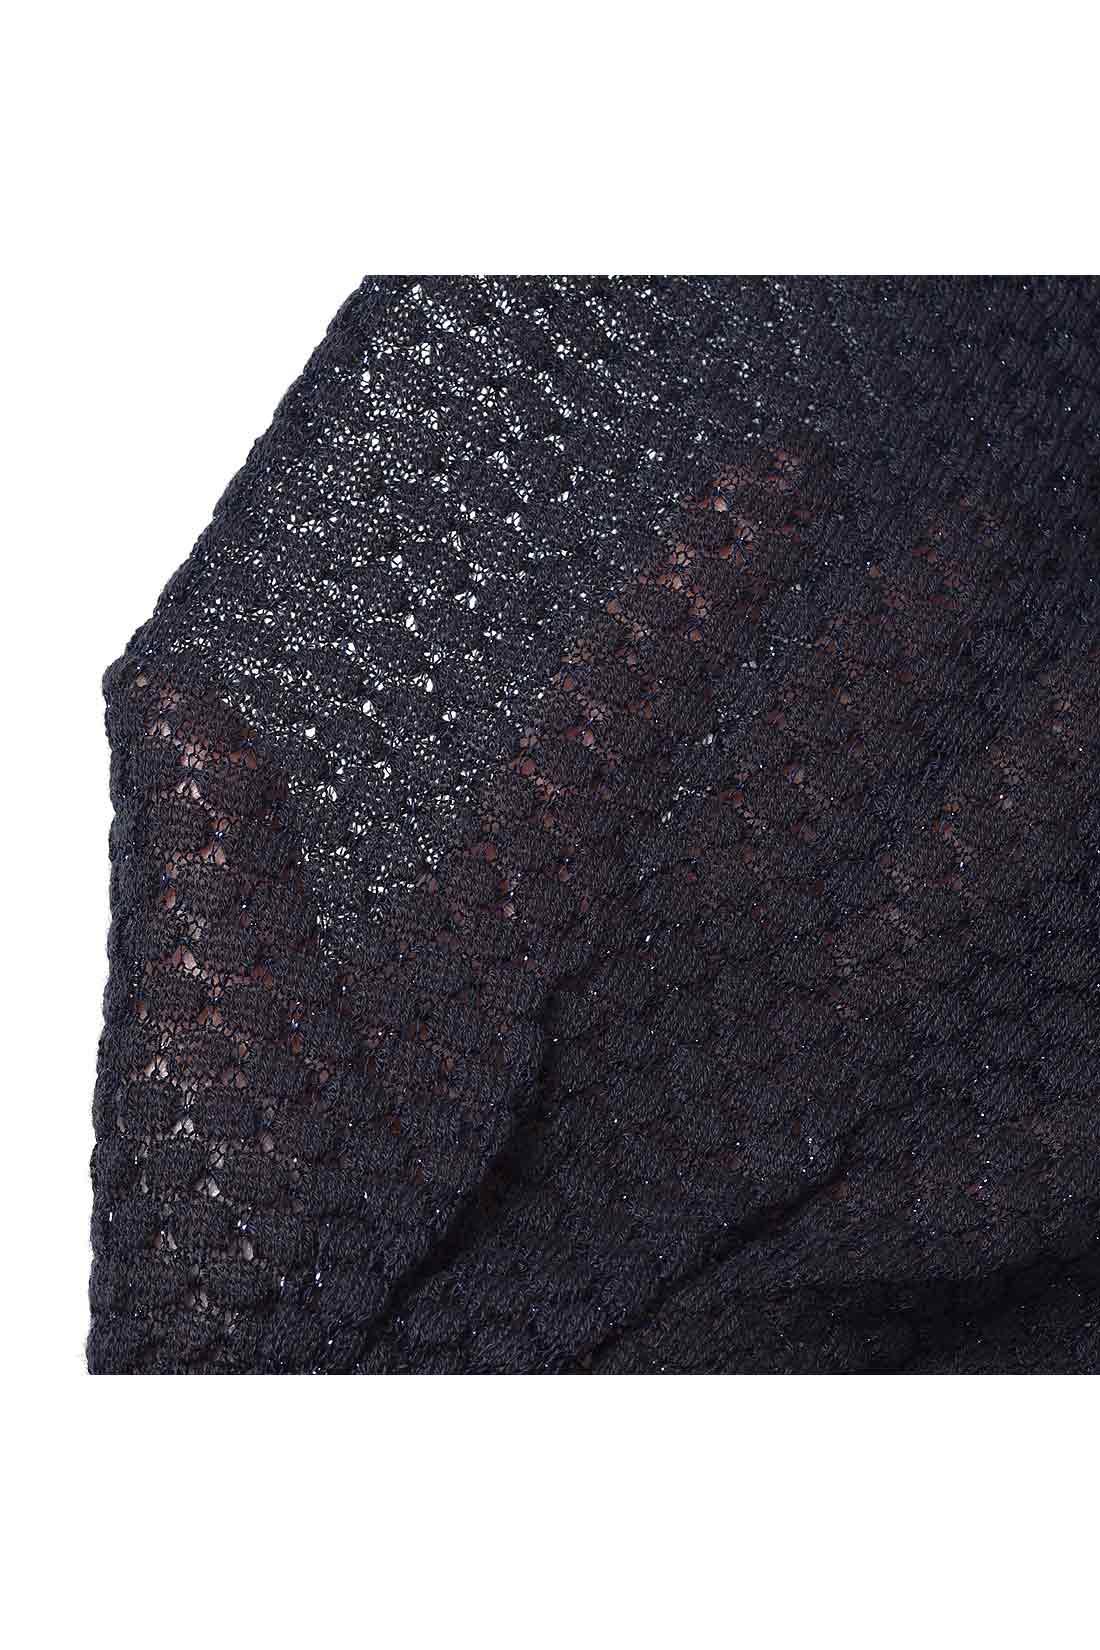 キラッとラメ糸の部分が、細~いので、透けて見えるよ。